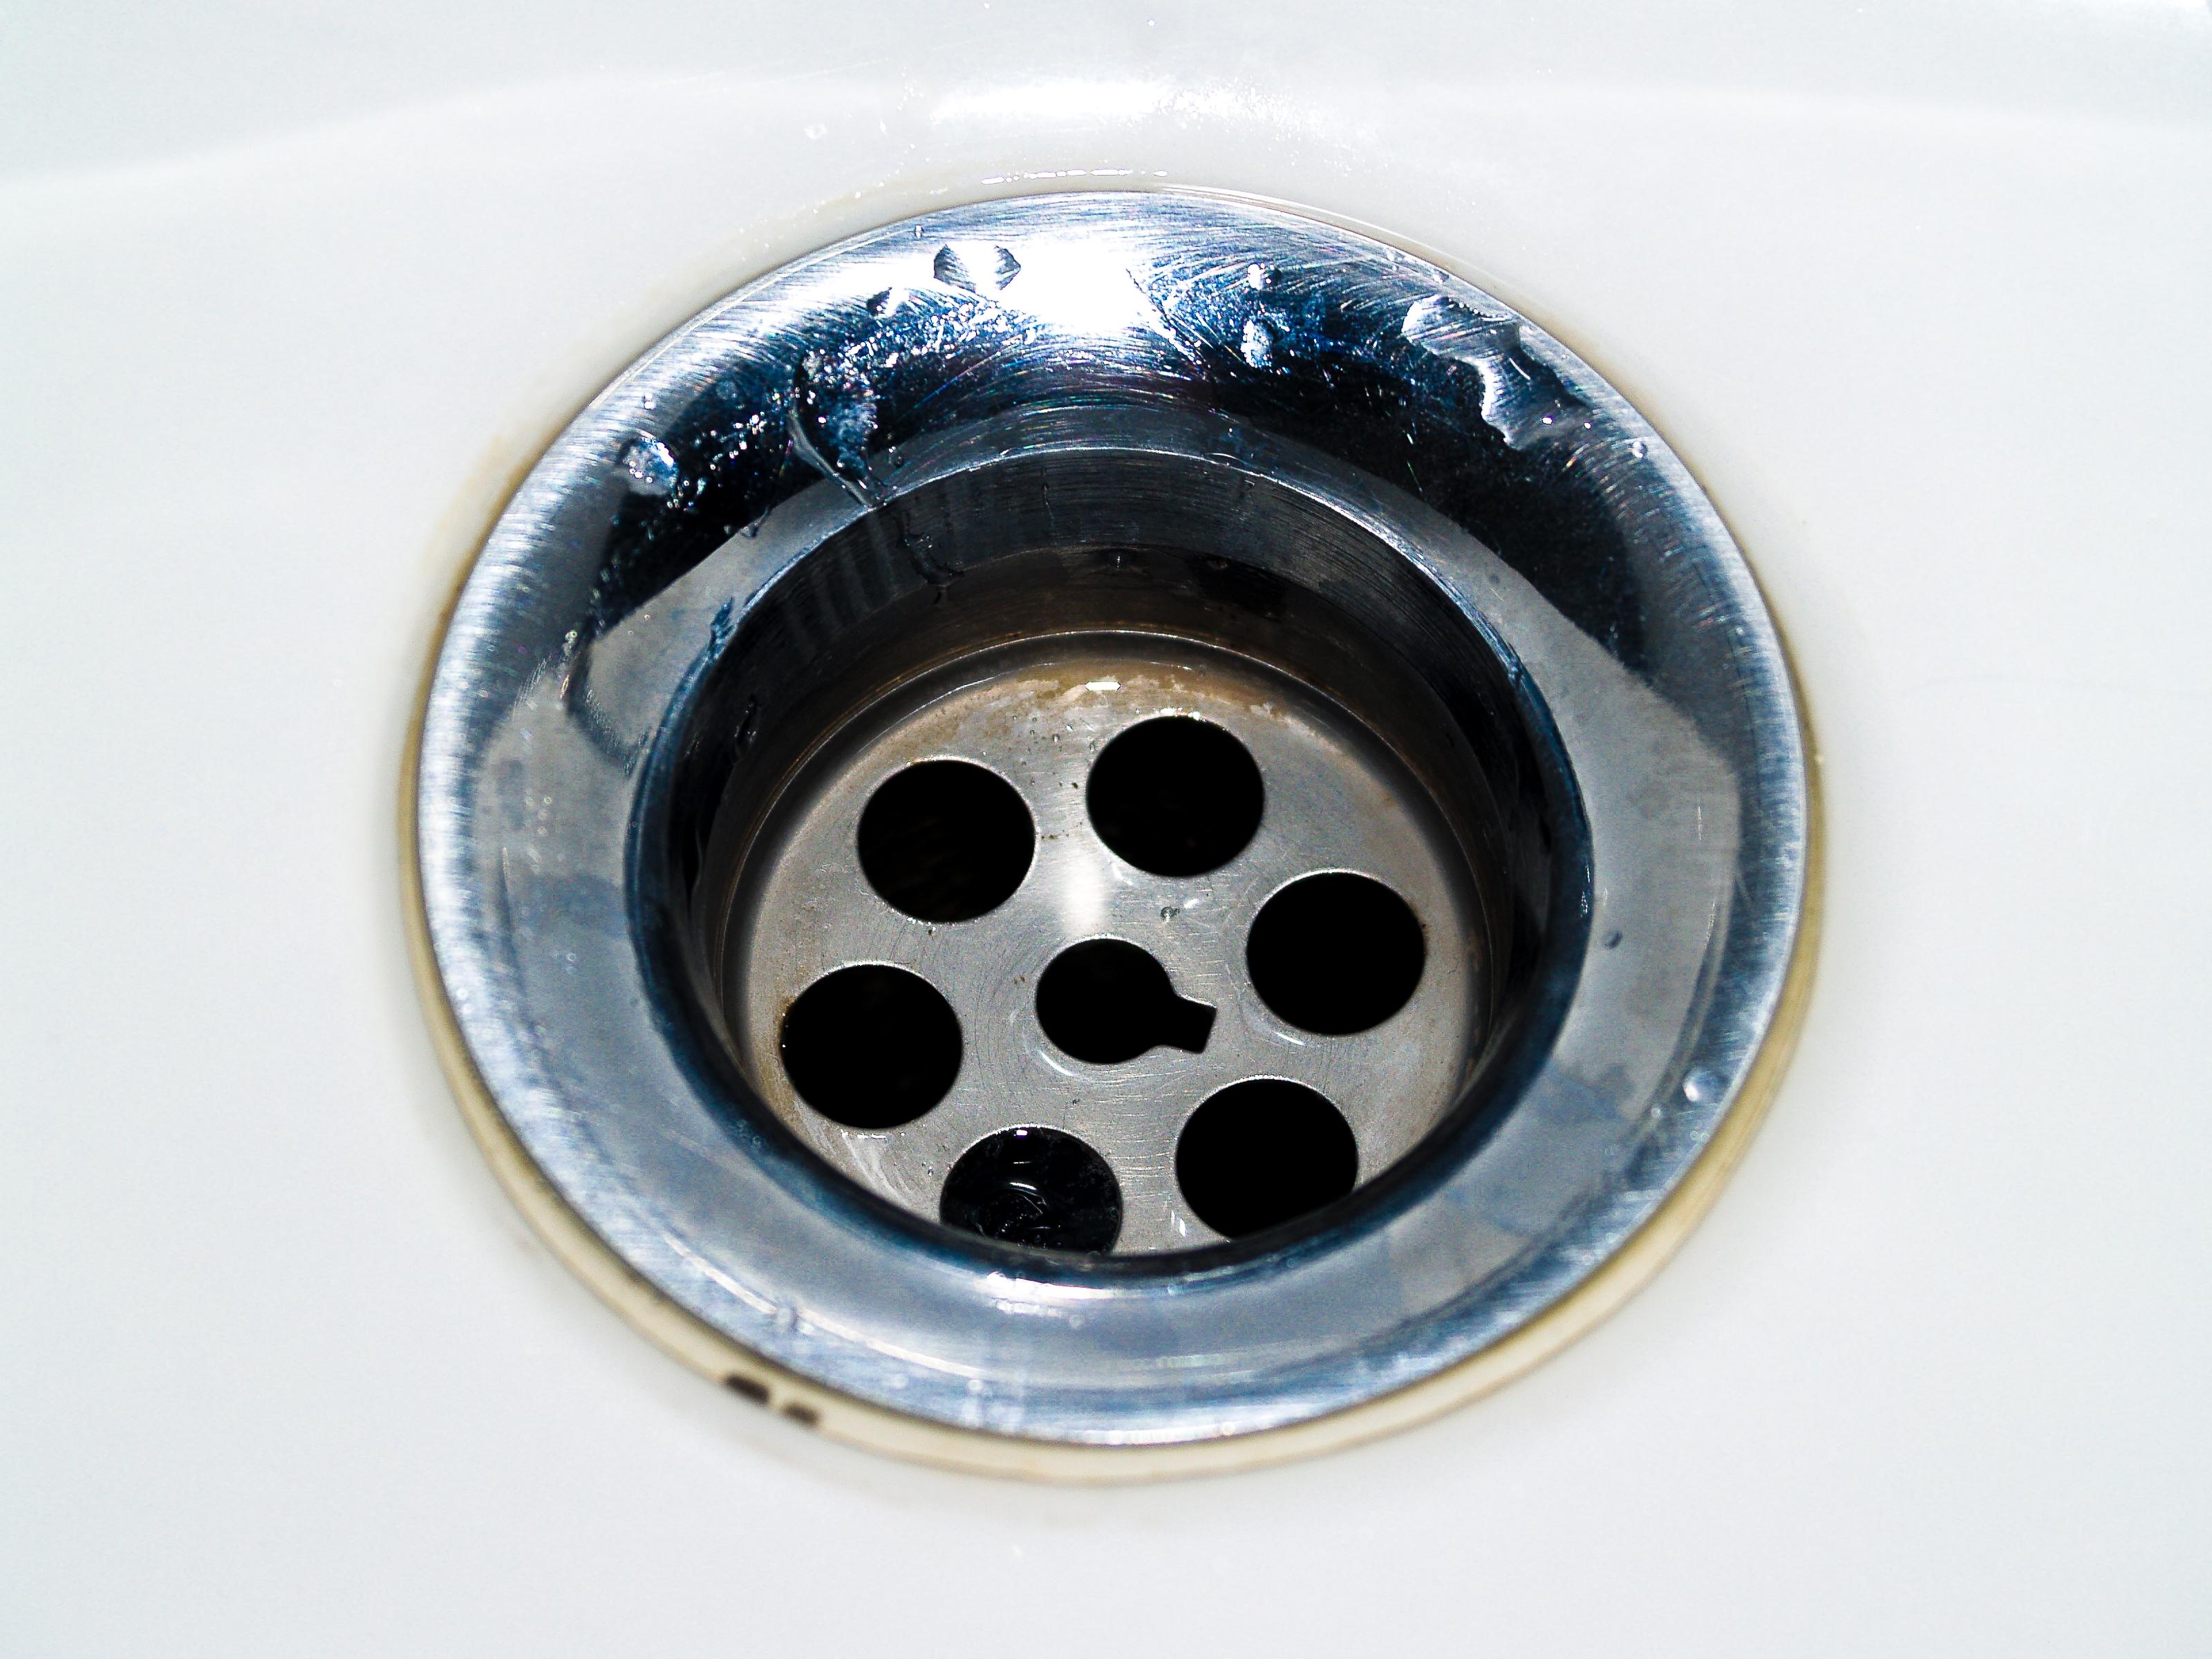 Bagno pulito cheap bagno pulito ed igienizzato senza pensieri with bagno pulito amazing - Perdita sifone lavabo cucina ...